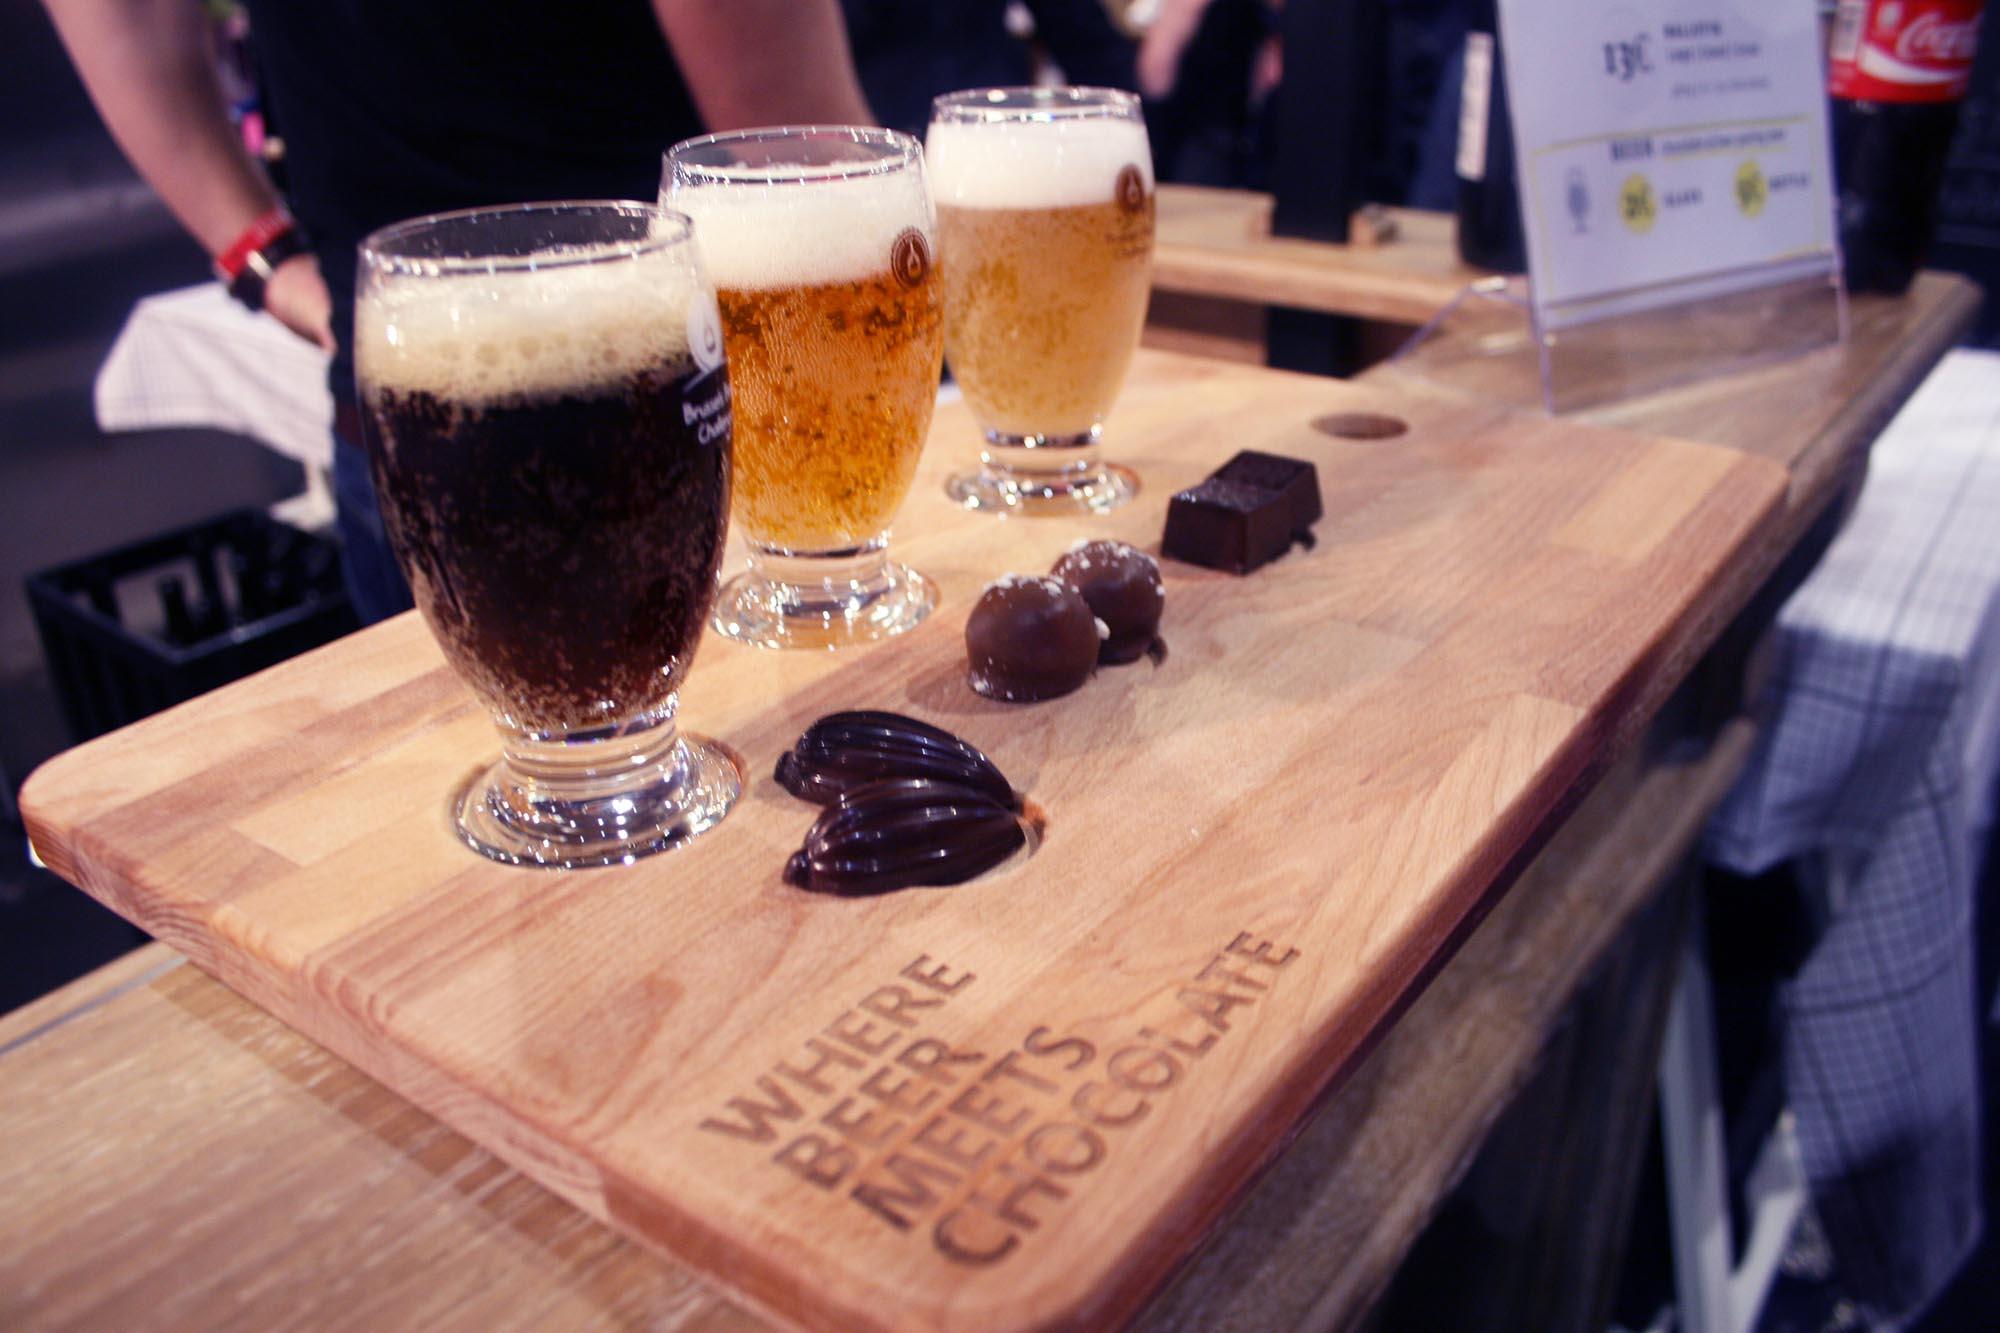 Tres copas de cervezas servidas con tres tipos de chocolate